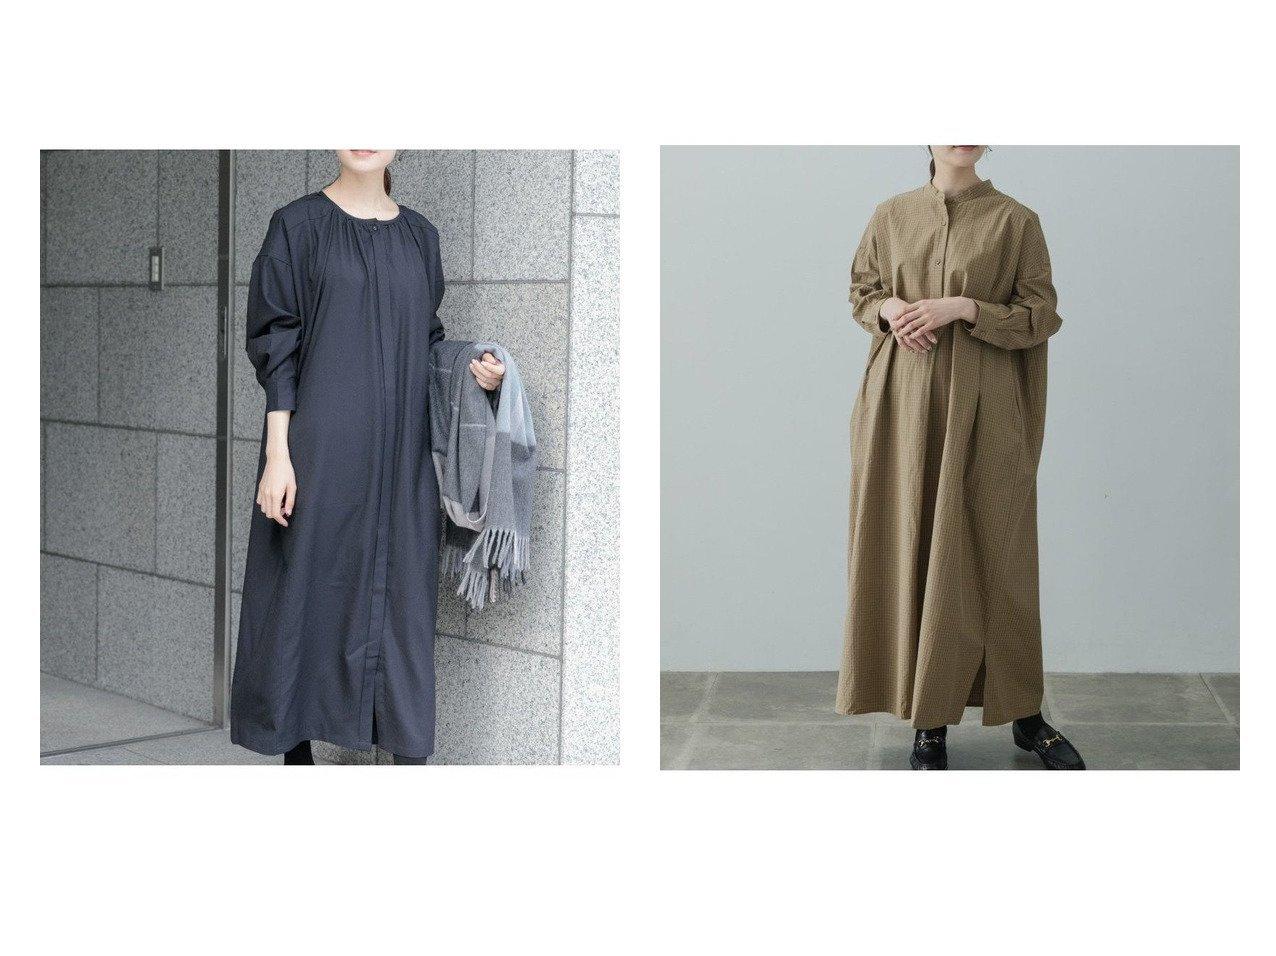 【kagure/かぐれ】のウールギャザーワンピース&コットンチェックシャツワンピース ワンピース・ドレスのおすすめ!人気、トレンド・レディースファッションの通販  おすすめで人気の流行・トレンド、ファッションの通販商品 メンズファッション・キッズファッション・インテリア・家具・レディースファッション・服の通販 founy(ファニー) https://founy.com/ ファッション Fashion レディースファッション WOMEN ワンピース Dress シャツワンピース Shirt Dresses オケージョン ギャザー ワイド 楽ちん カーディガン スタンド タートル チェック マキシ 人気 |ID:crp329100000010173